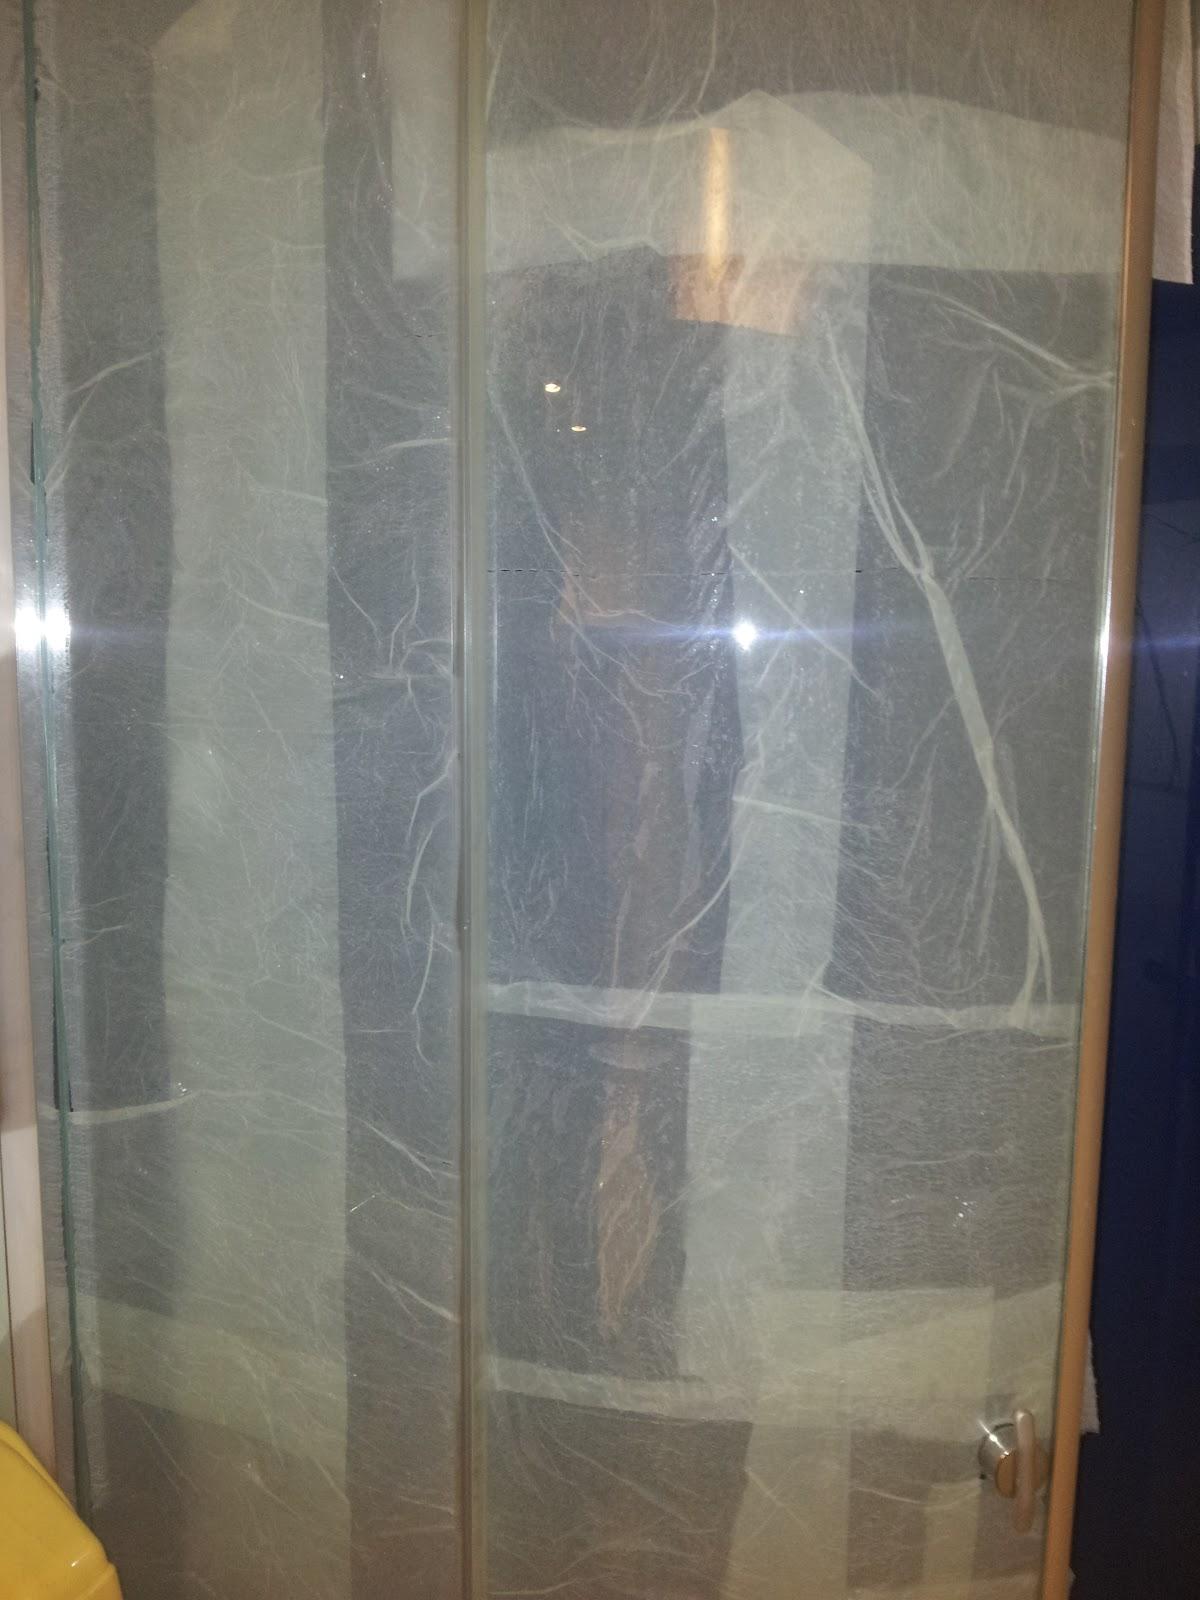 pauvrisky d tartrer une paroi de douche pleine de calcaire. Black Bedroom Furniture Sets. Home Design Ideas